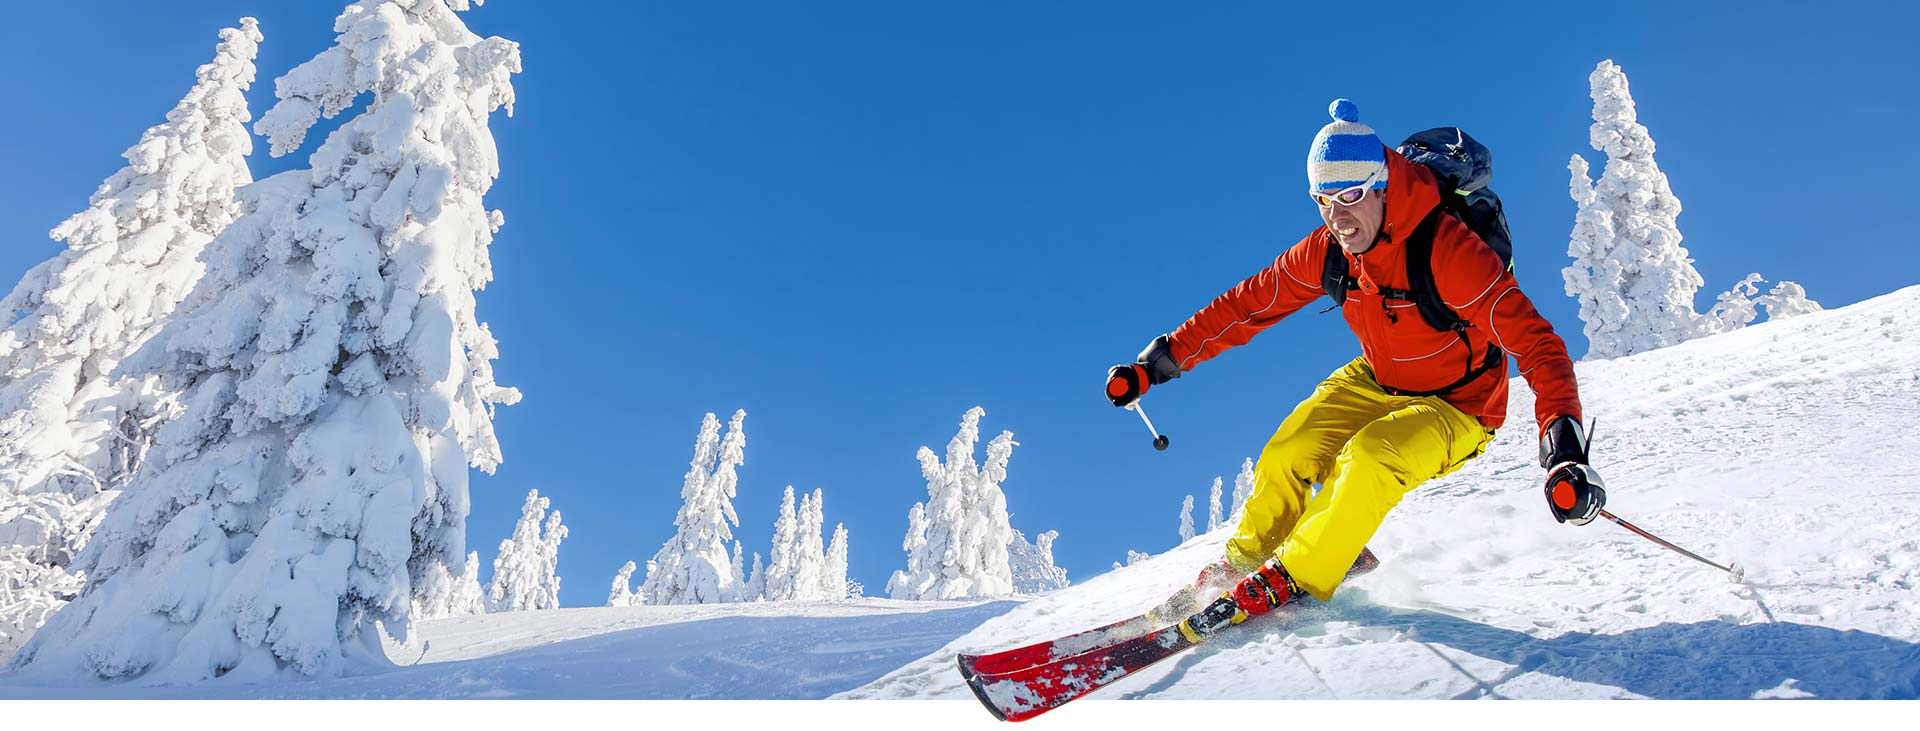 Ski Rentals in Federal Way and Kent, WA - Moxies